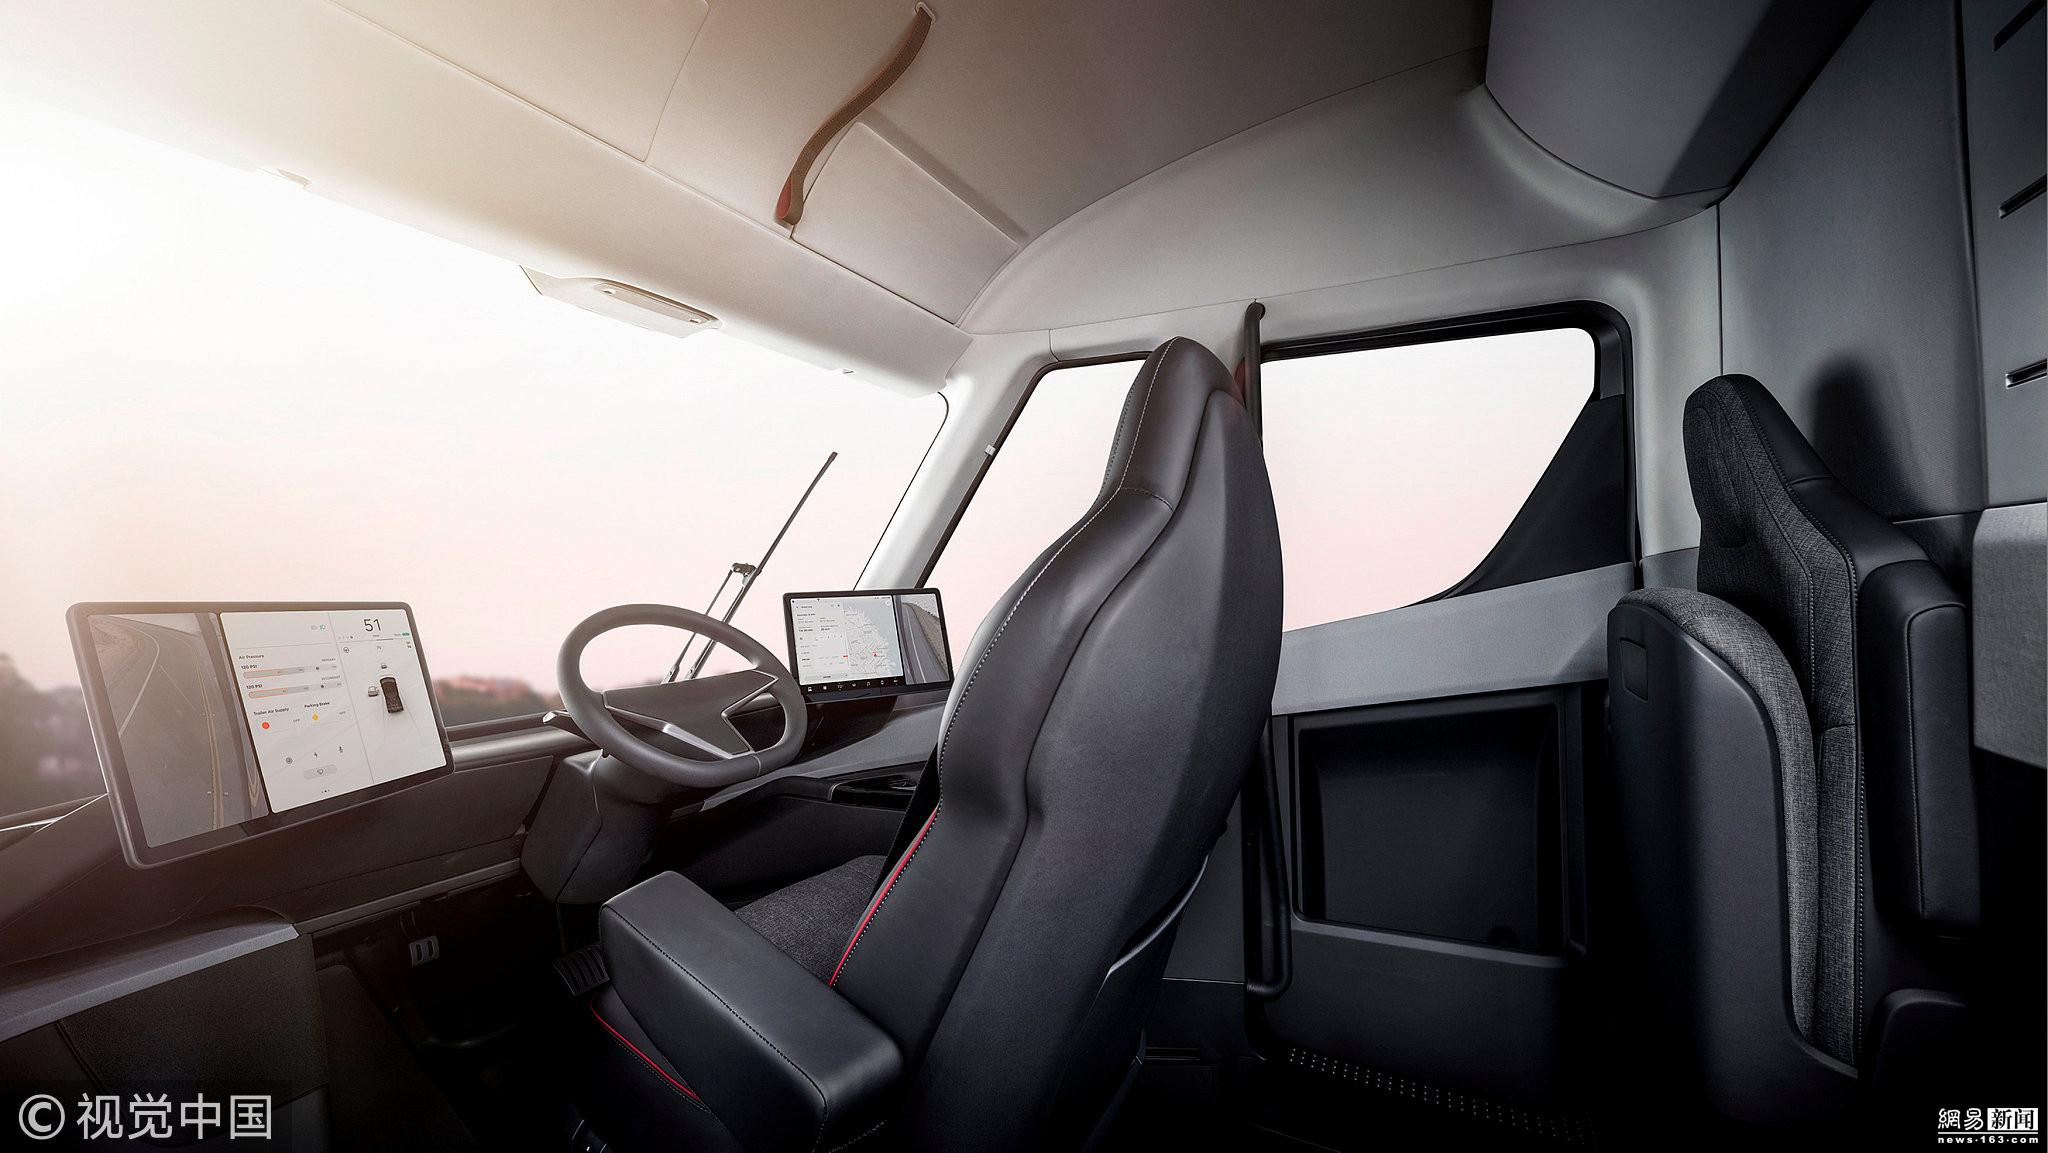 特斯拉发布电动卡车 可续航八百公里 - 周公乐 - xinhua8848 的博客